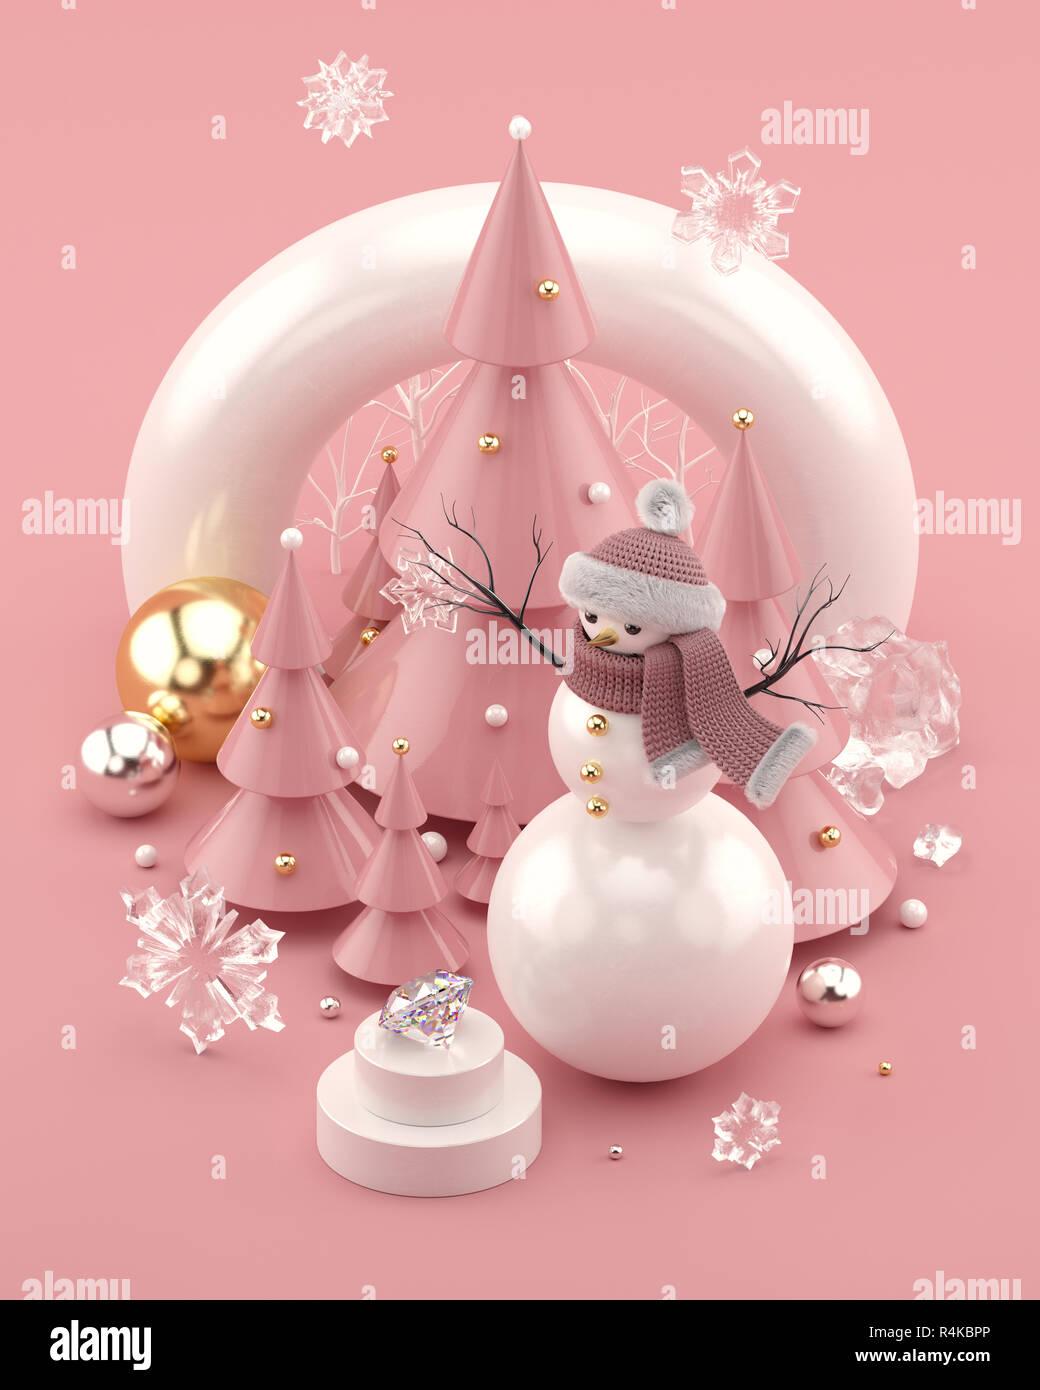 Rose Gold 3D-Abbildung mit Schneemann und geschmückten Weihnachtsbaum. Stockbild